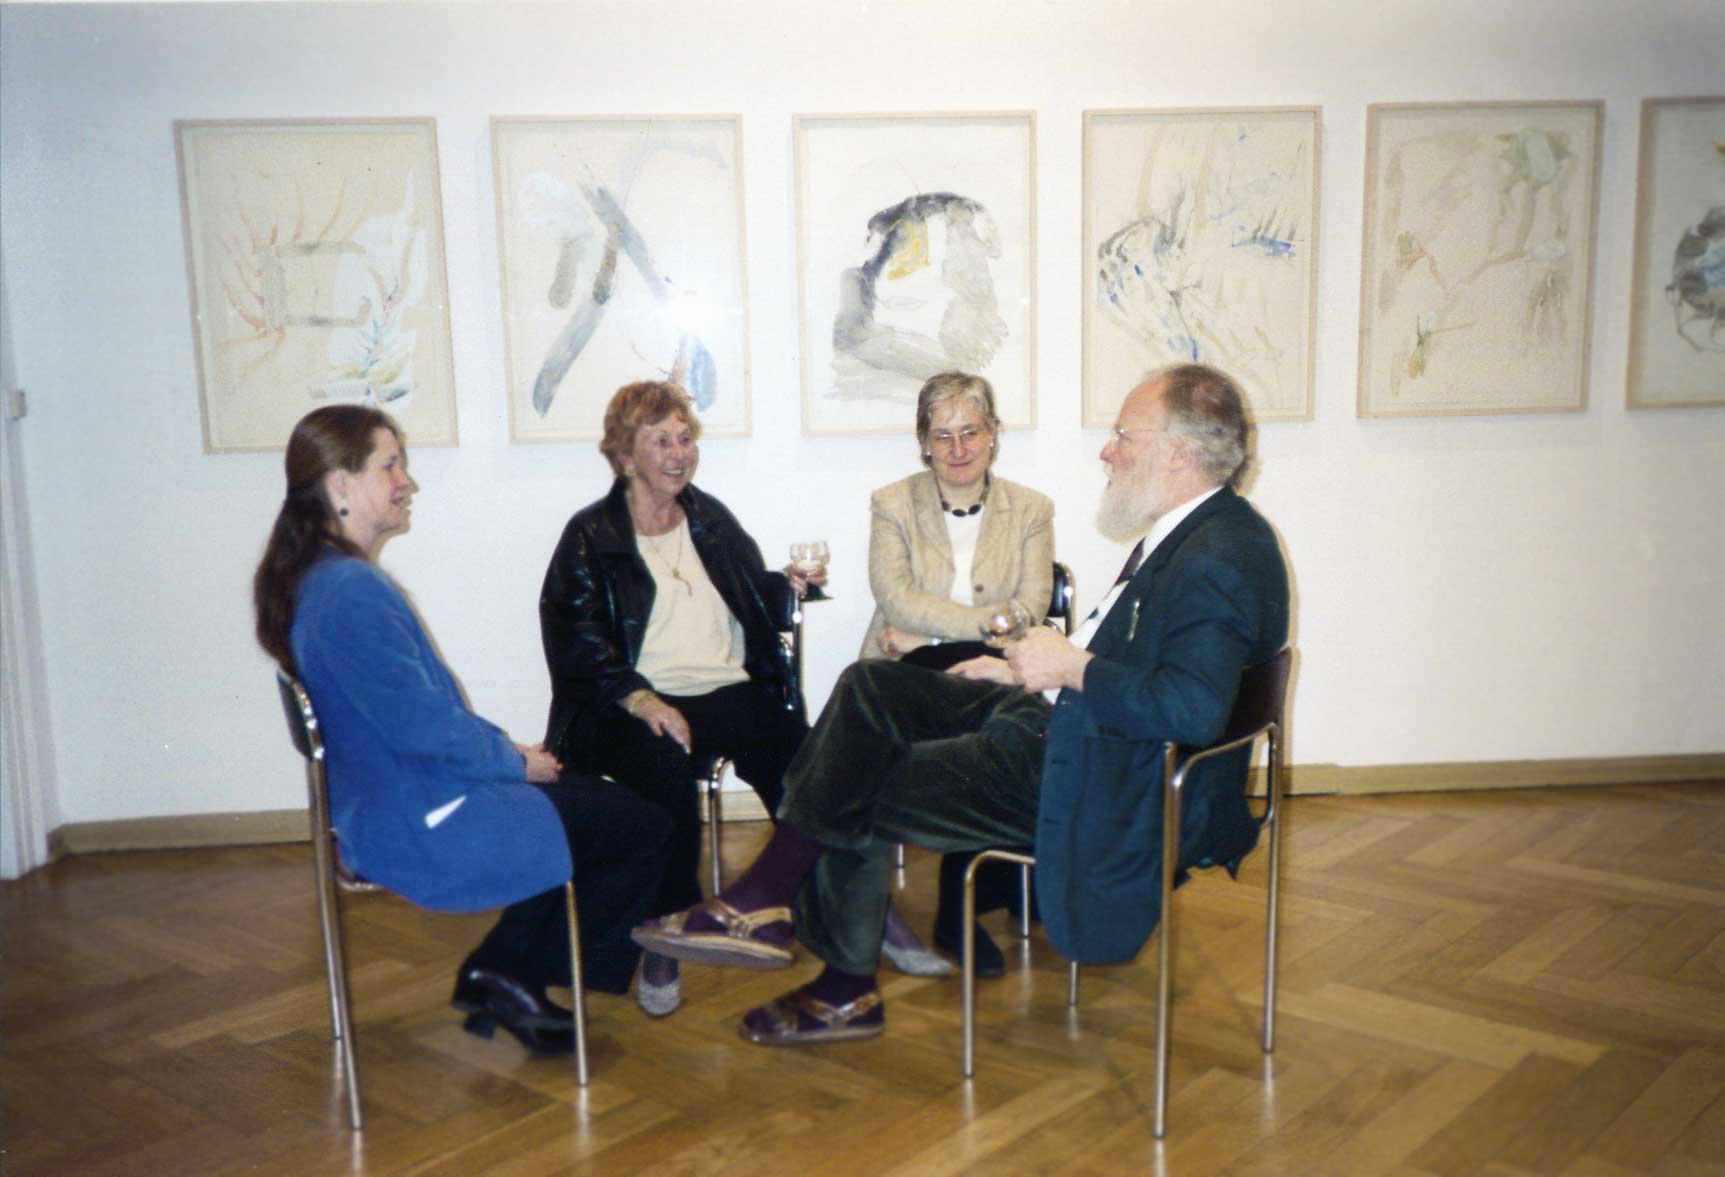 Dr. Dorit Litt, Margit Hoehme, Dr. Katja Schneider und der Sammler Franz Armin Morat